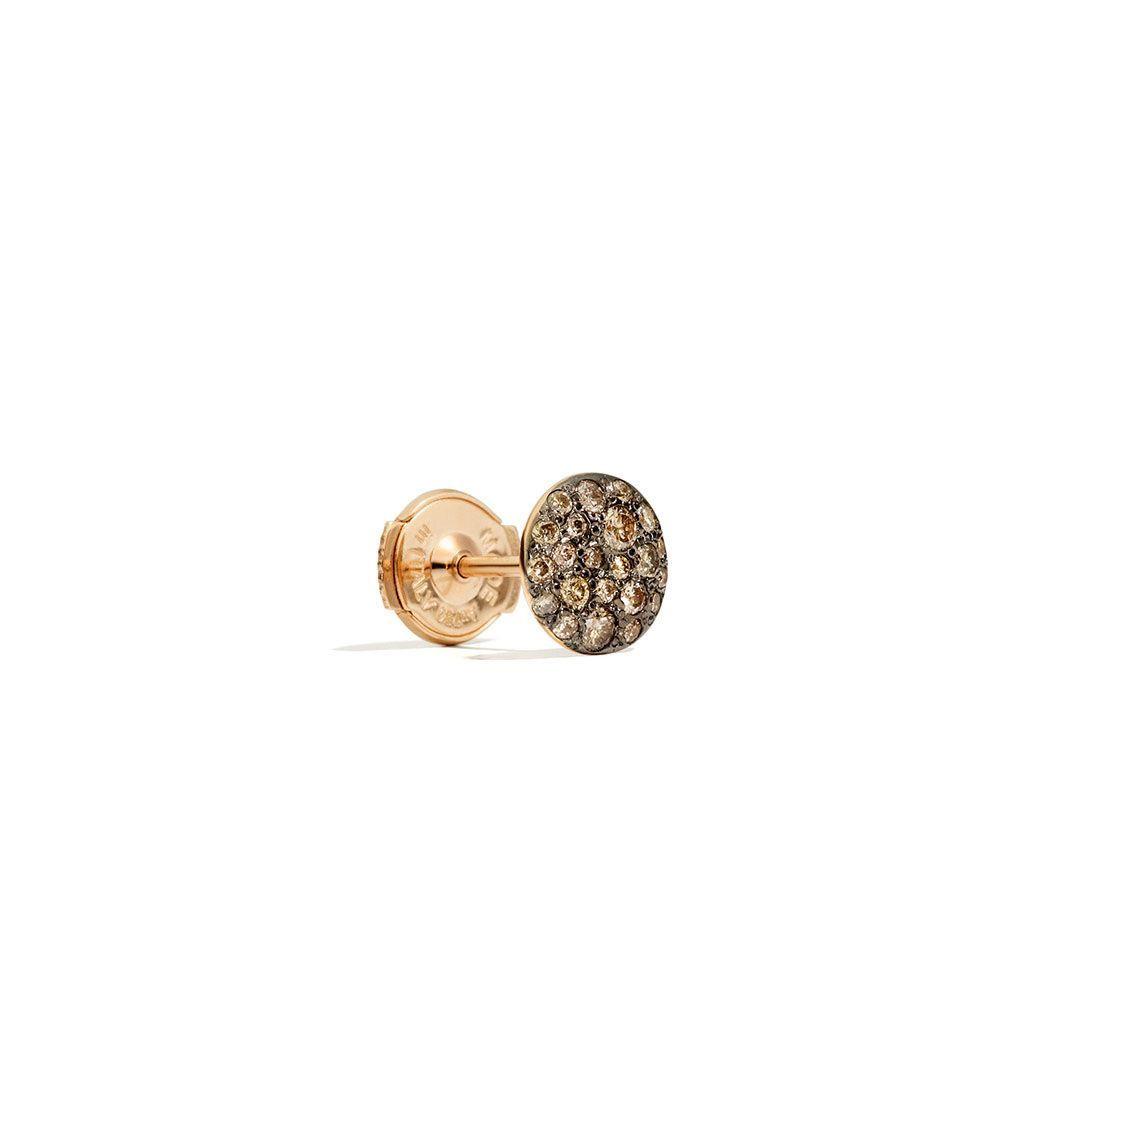 Boucles d'oreilles Pomellato Sabbia en Or rose et Diamant brun vue 2